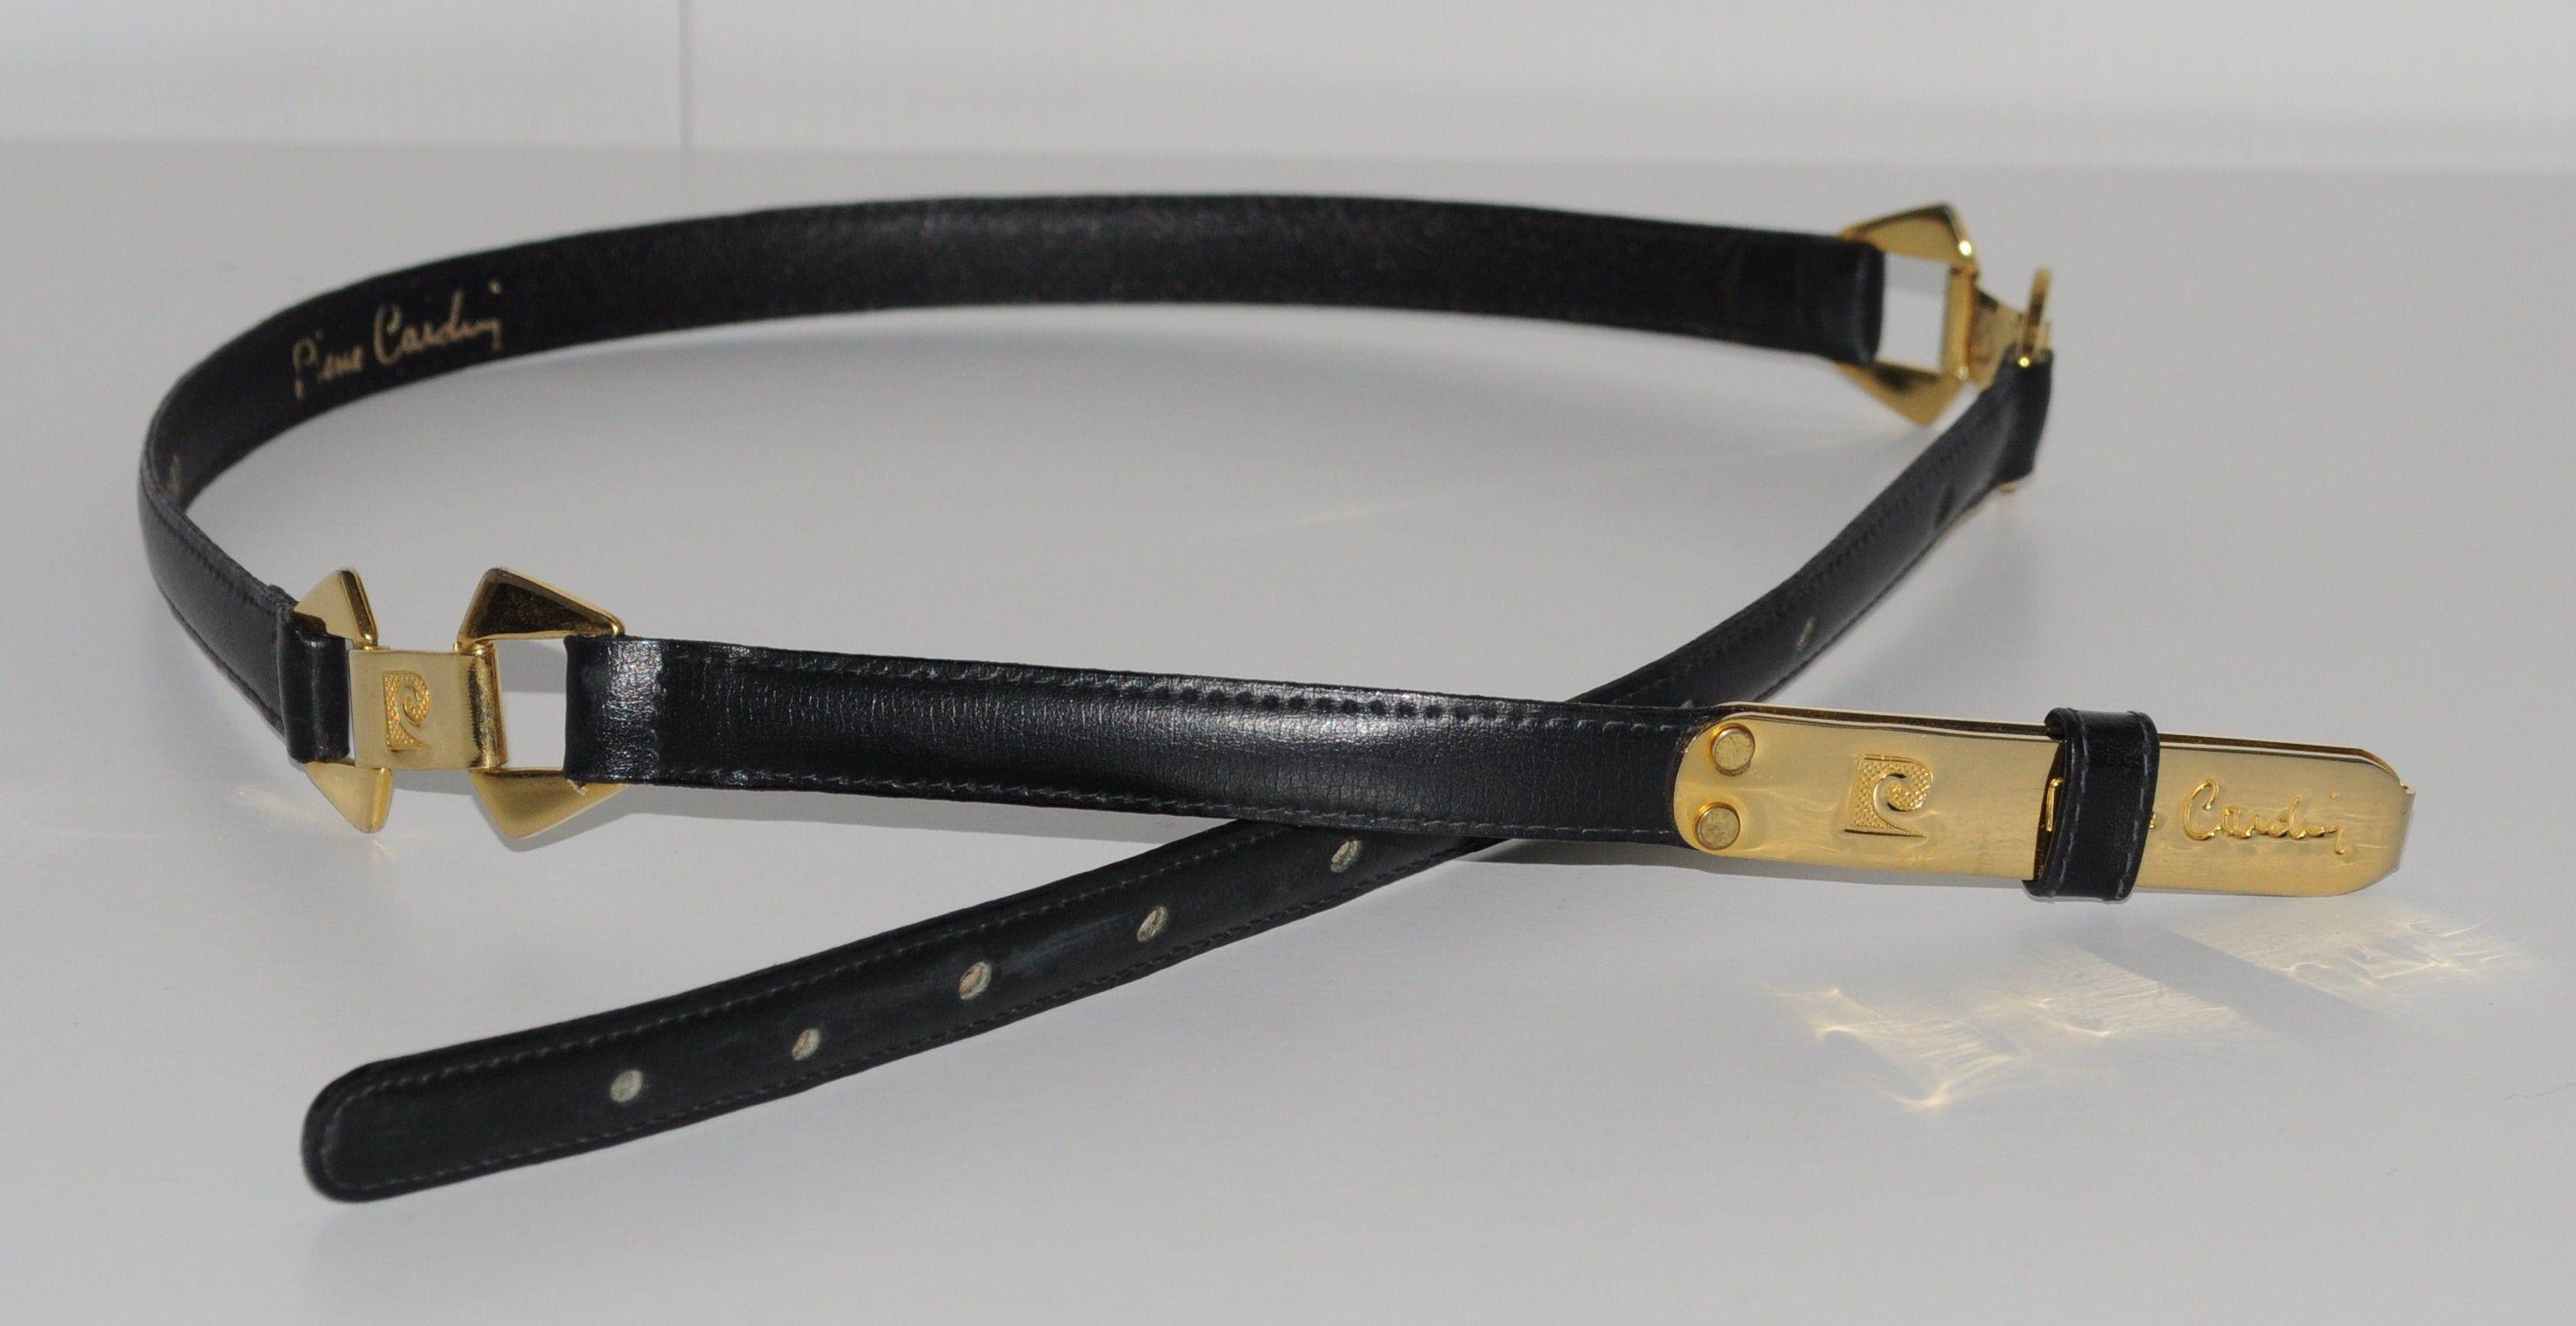 Ceinture fine vintage PIERRE CARDIN en cuir noir avec parties dorées Taille 75 cm